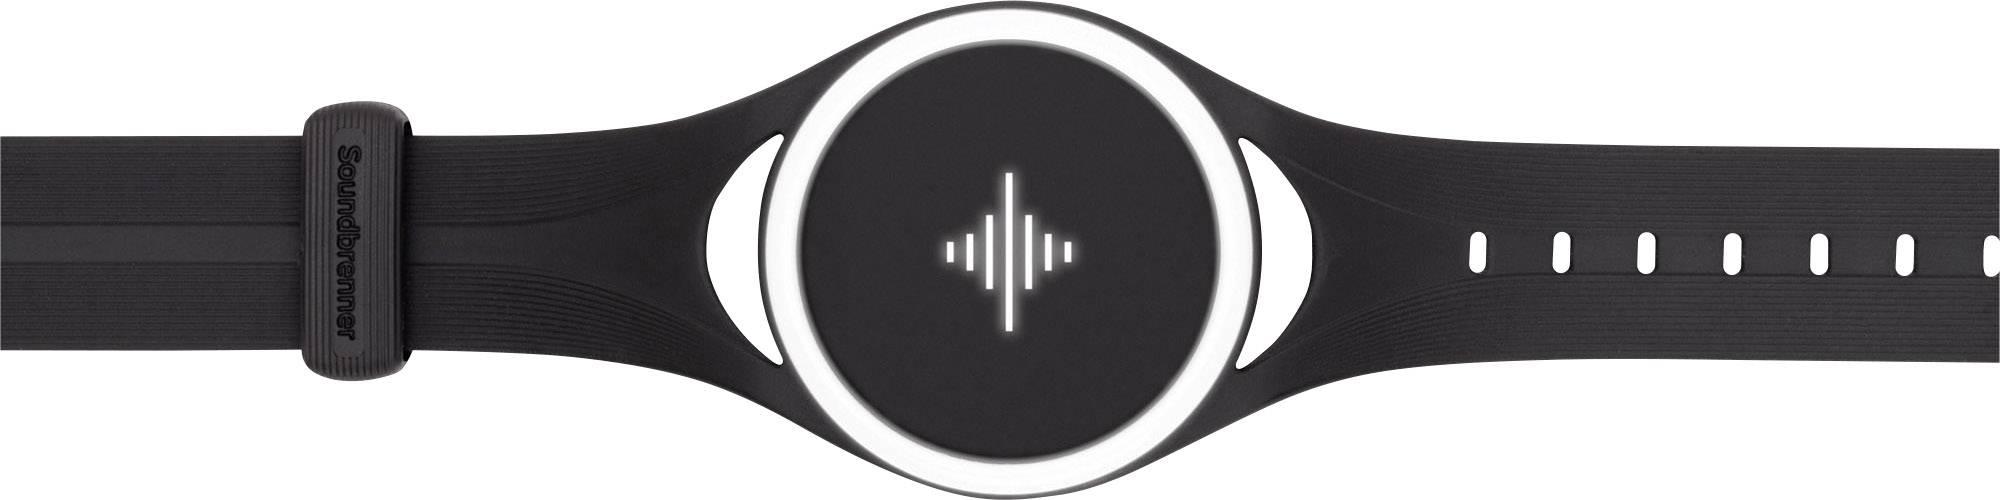 Soundbrenner Pulse vibrierendes Metronom